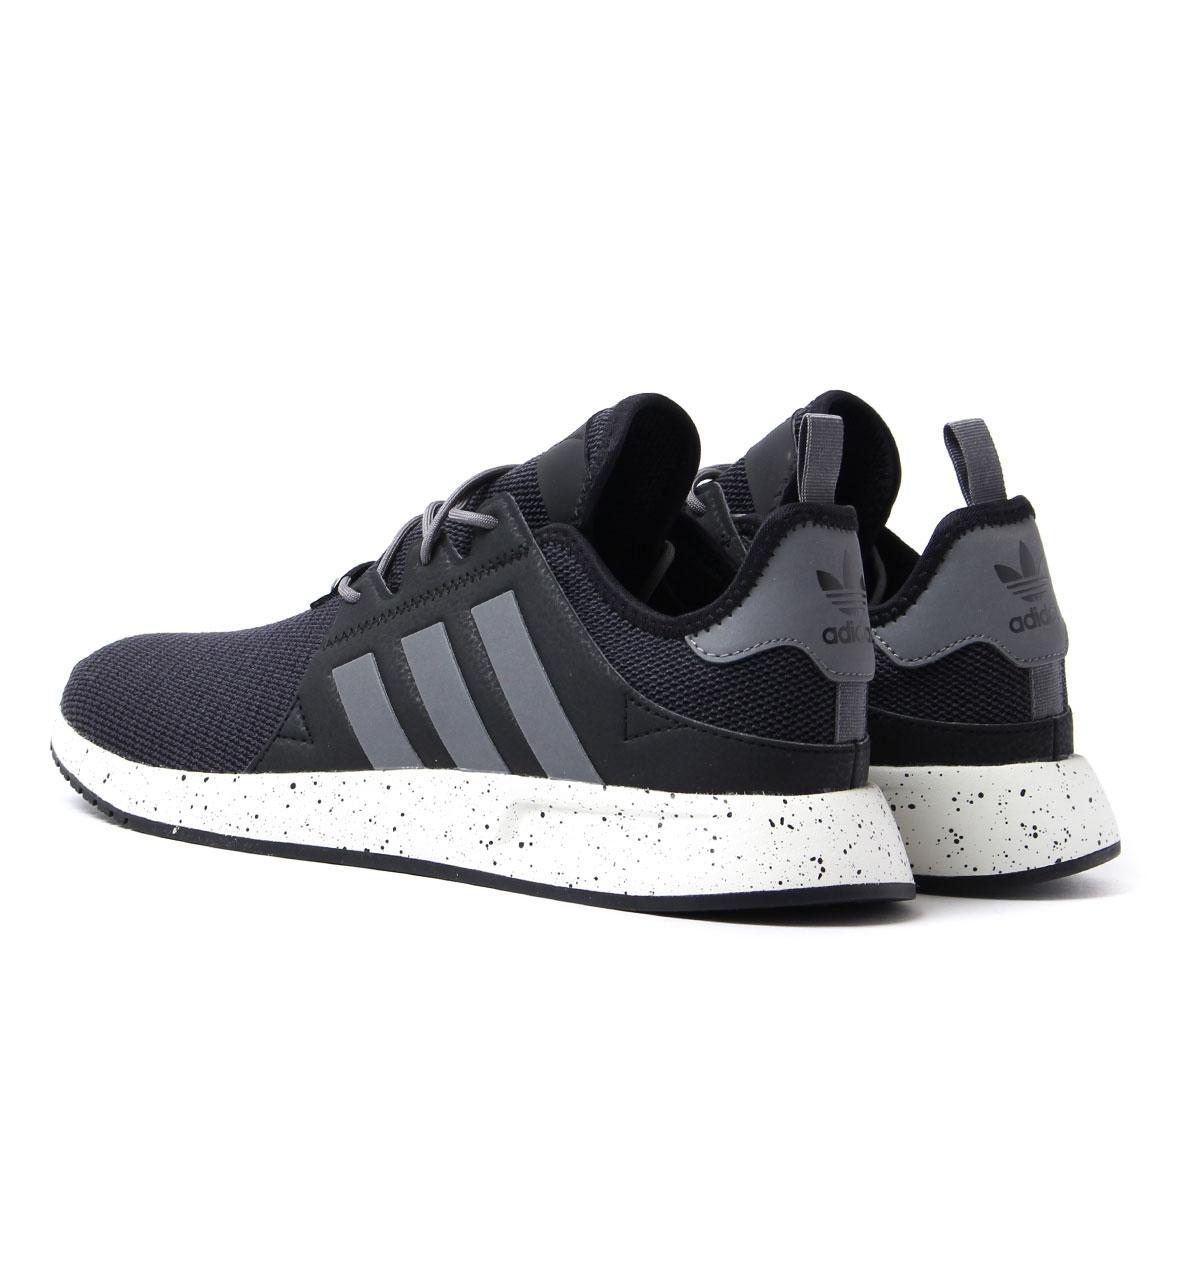 adidas originali x nera a infrarossi trainer in nero per gli uomini lyst